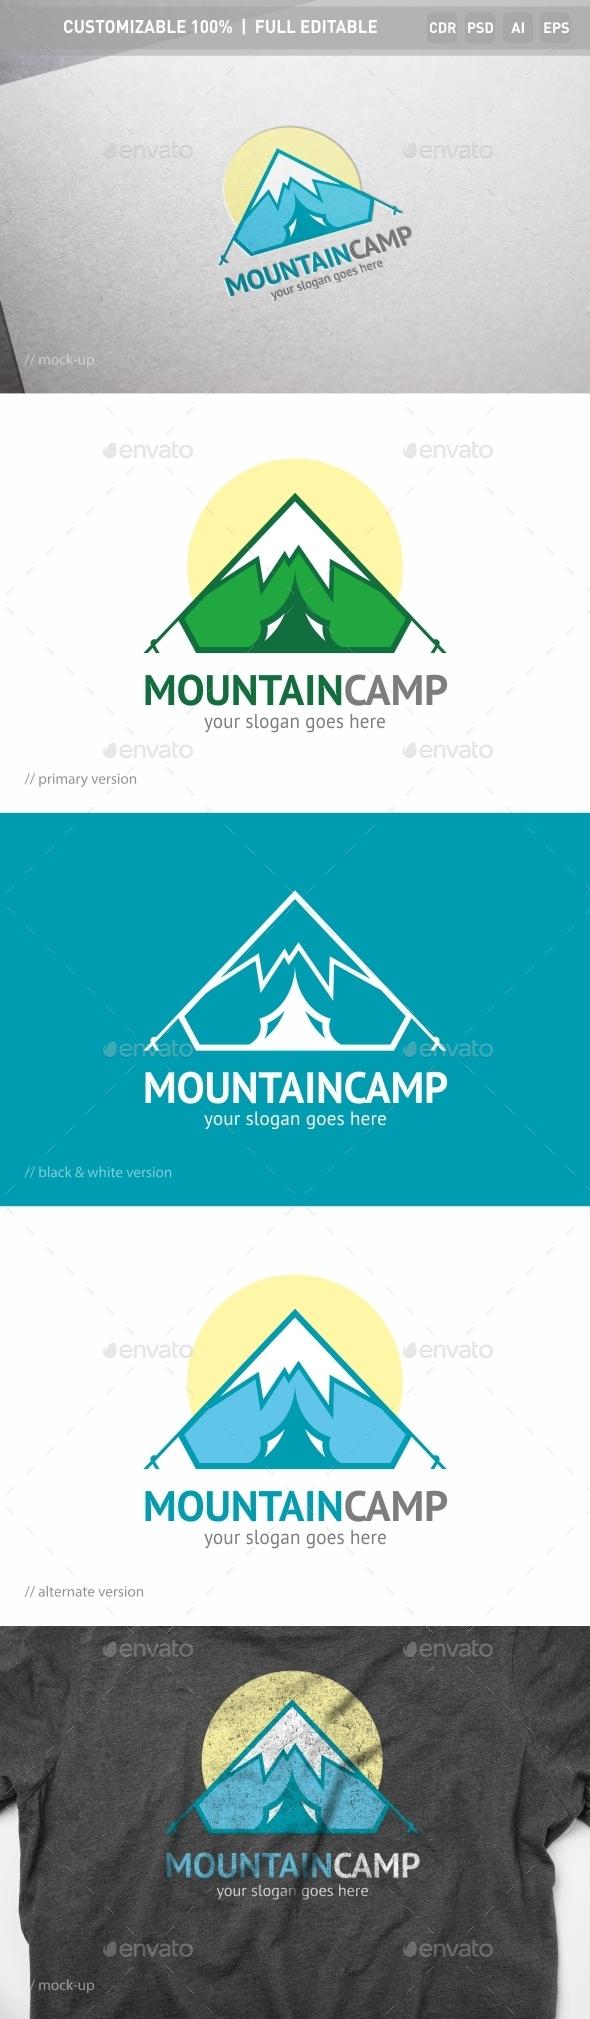 Mountain Camp Logo Template